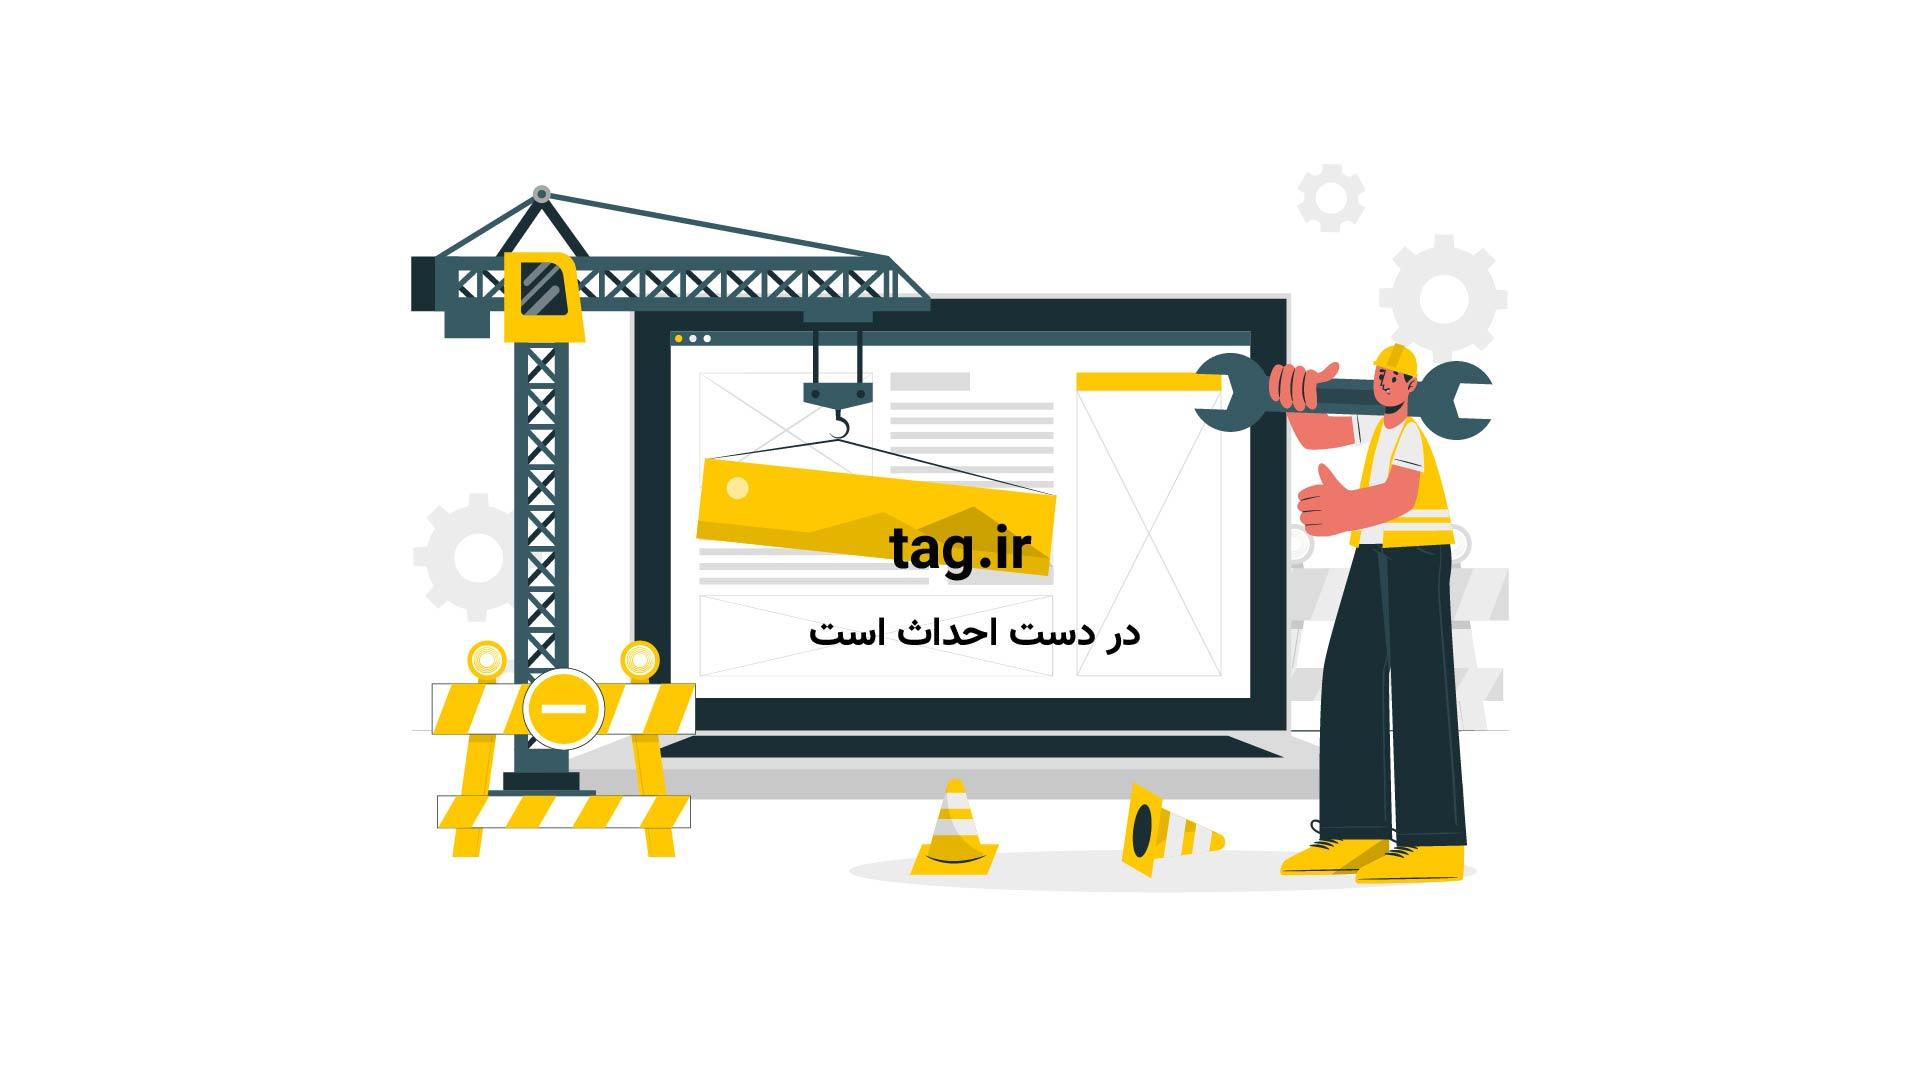 صحبت های اکرم محمدی درباره دخترش مروارید | فیلم